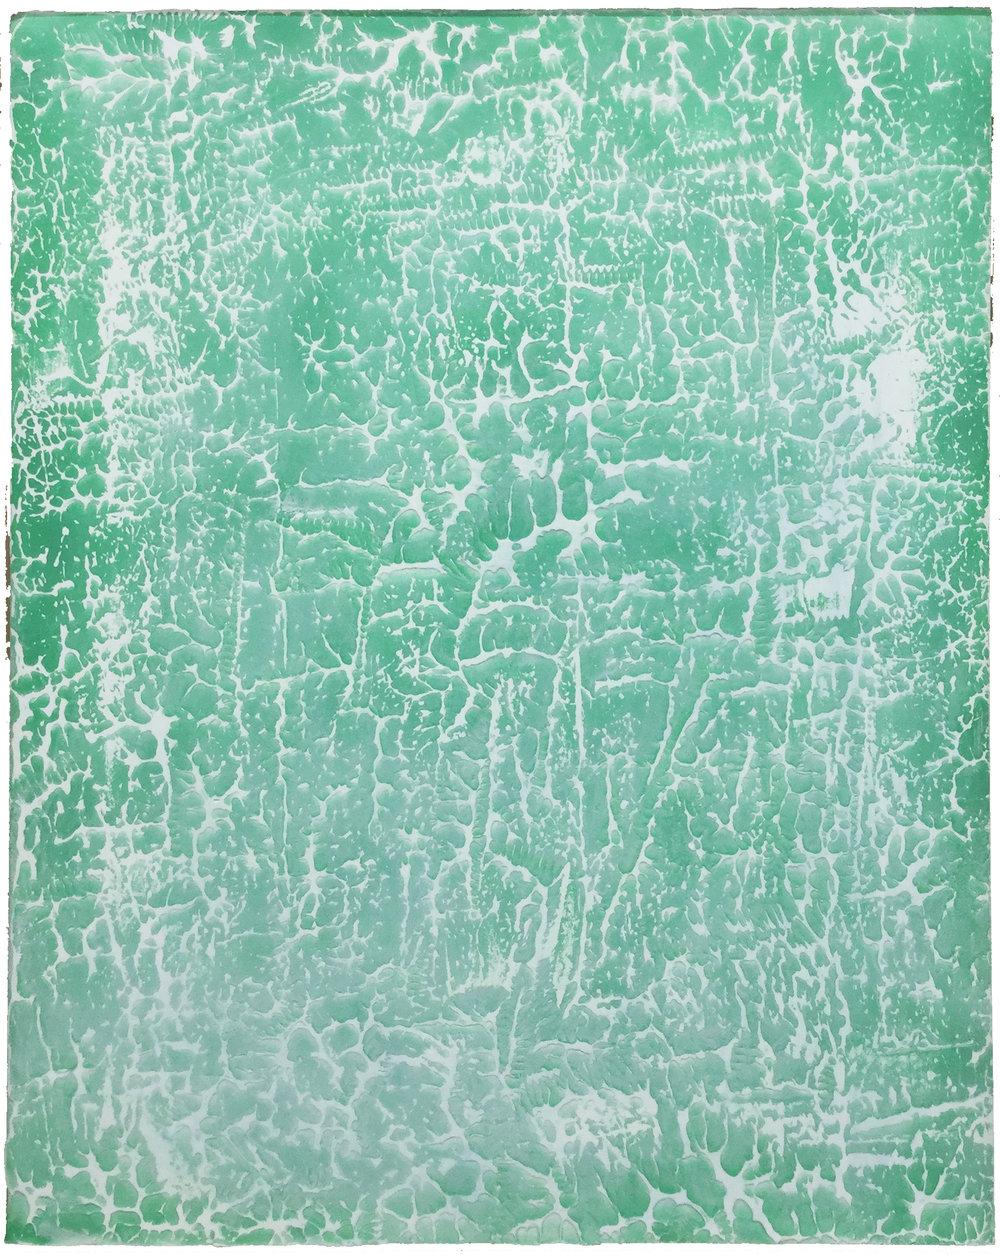 """Pierre Julien, Ronchamp 03 , 2017, plâtre, acrylique et peinture aérosol sur gypse,30"""" x 24"""" (76 x 61 cm)."""